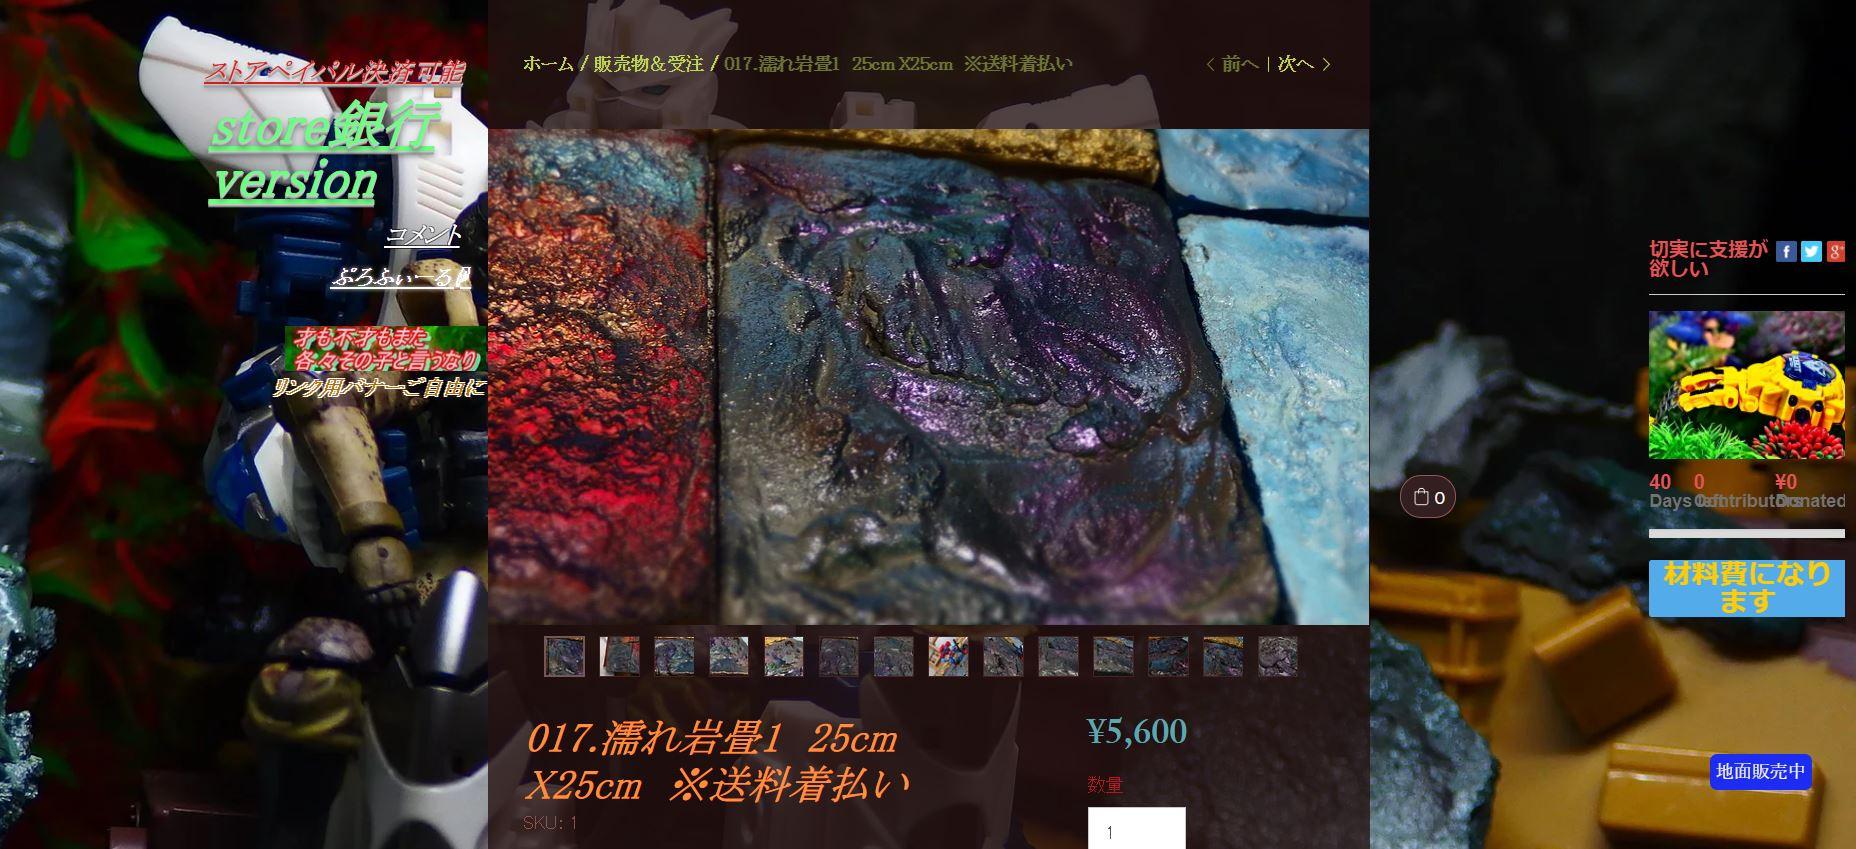 No 017.濡れ岩畳1 25cm X25cm